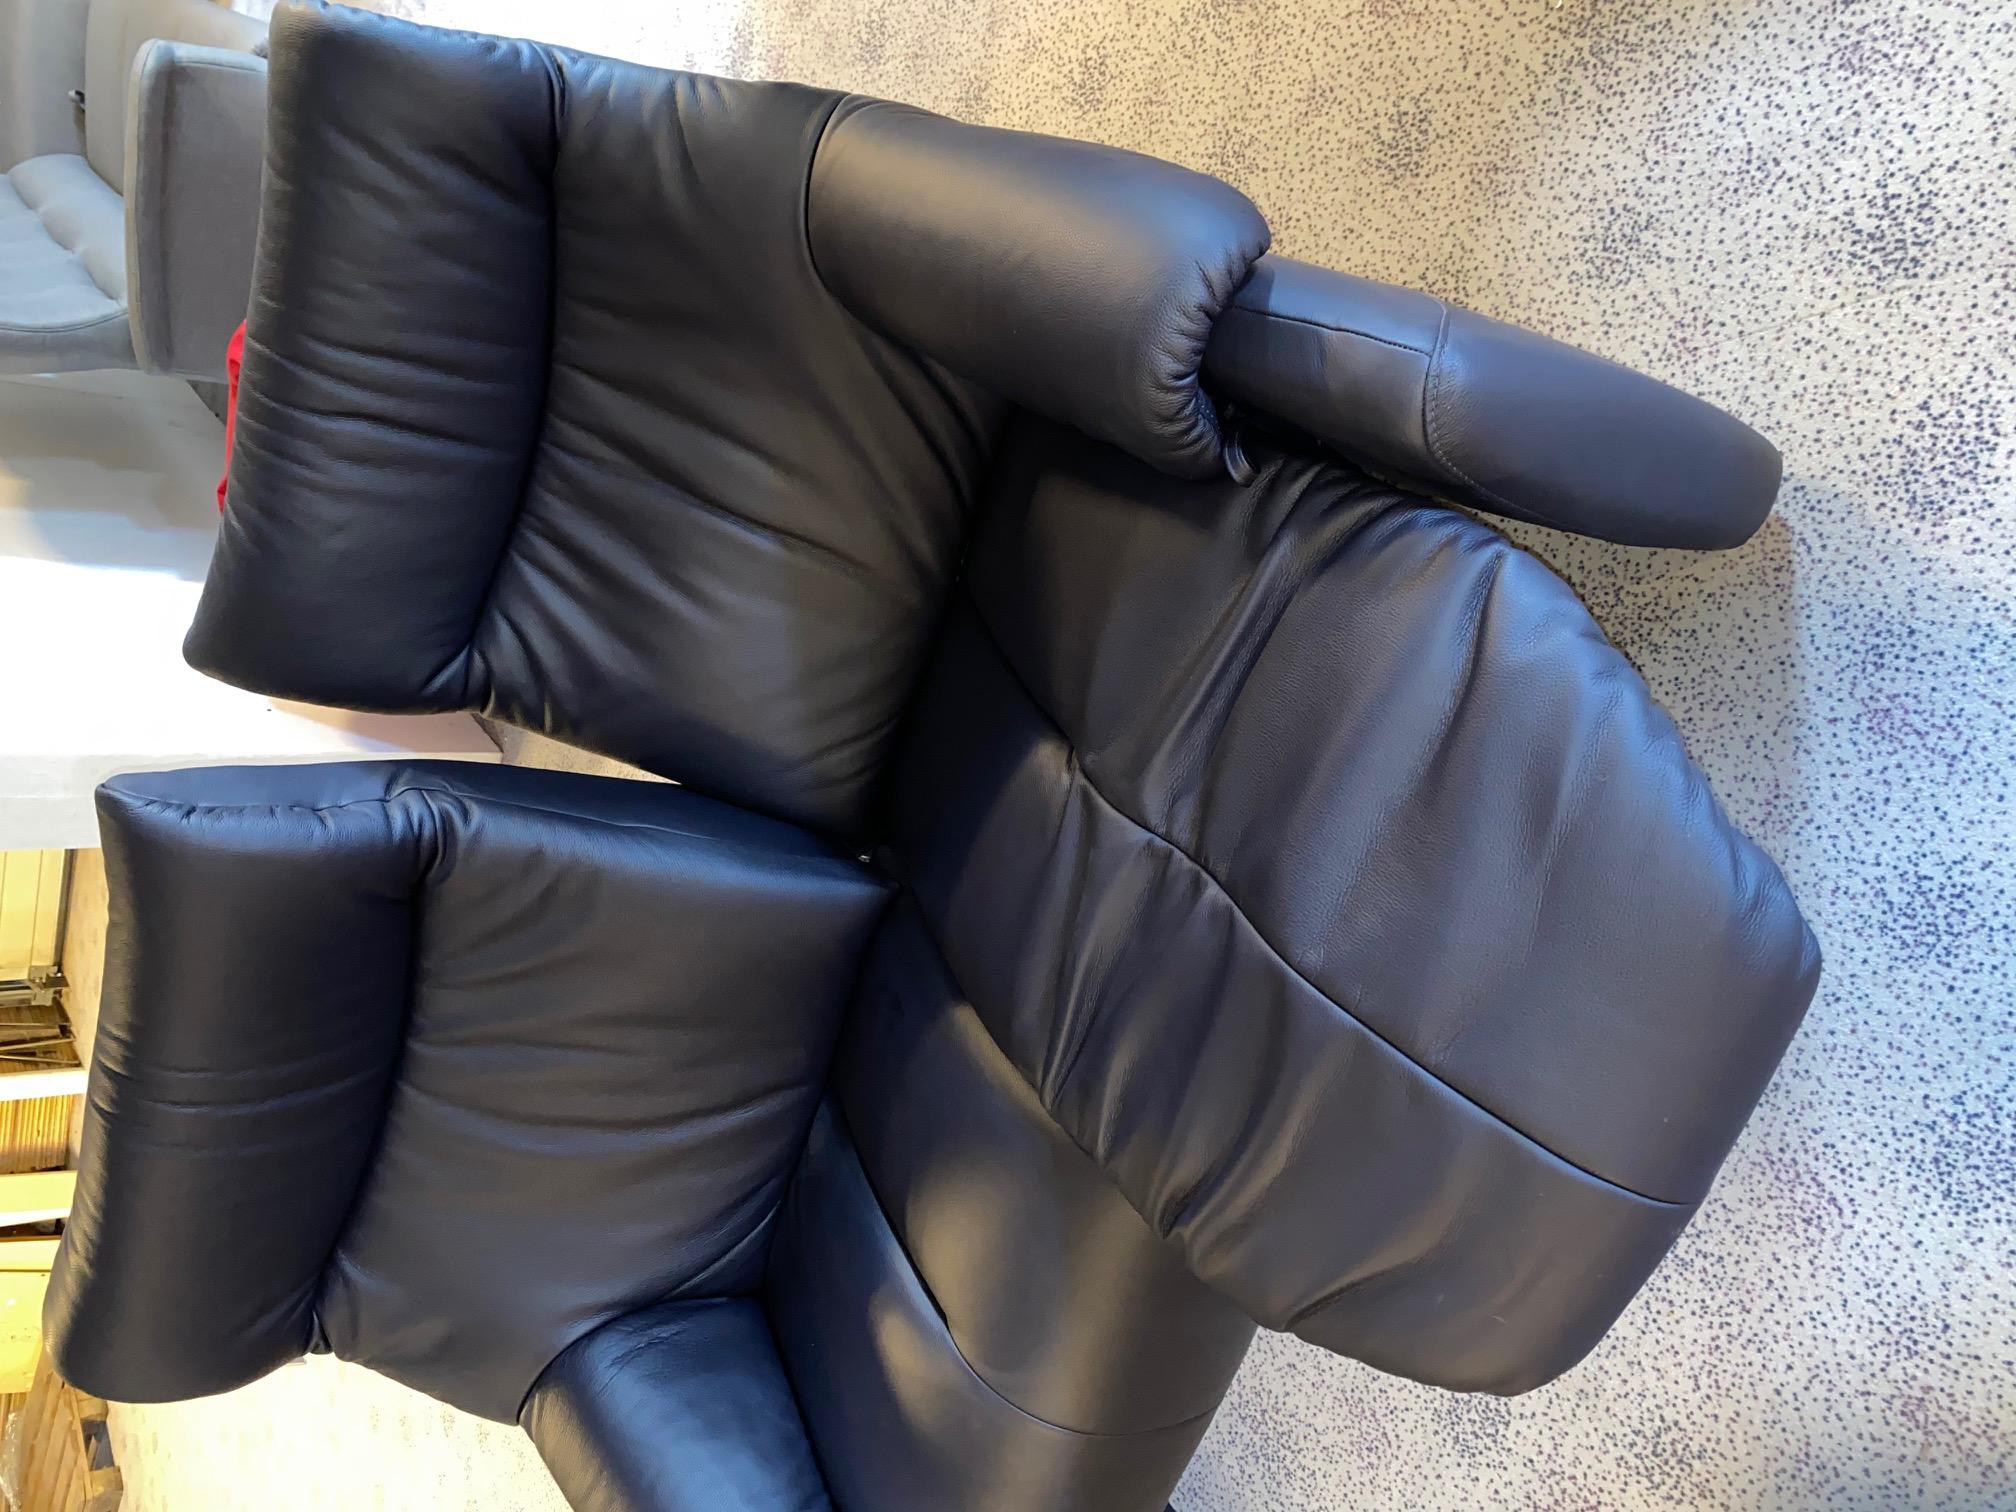 Mein Ausstellungsstuck 2 Sitzer Sofa Von Himolla